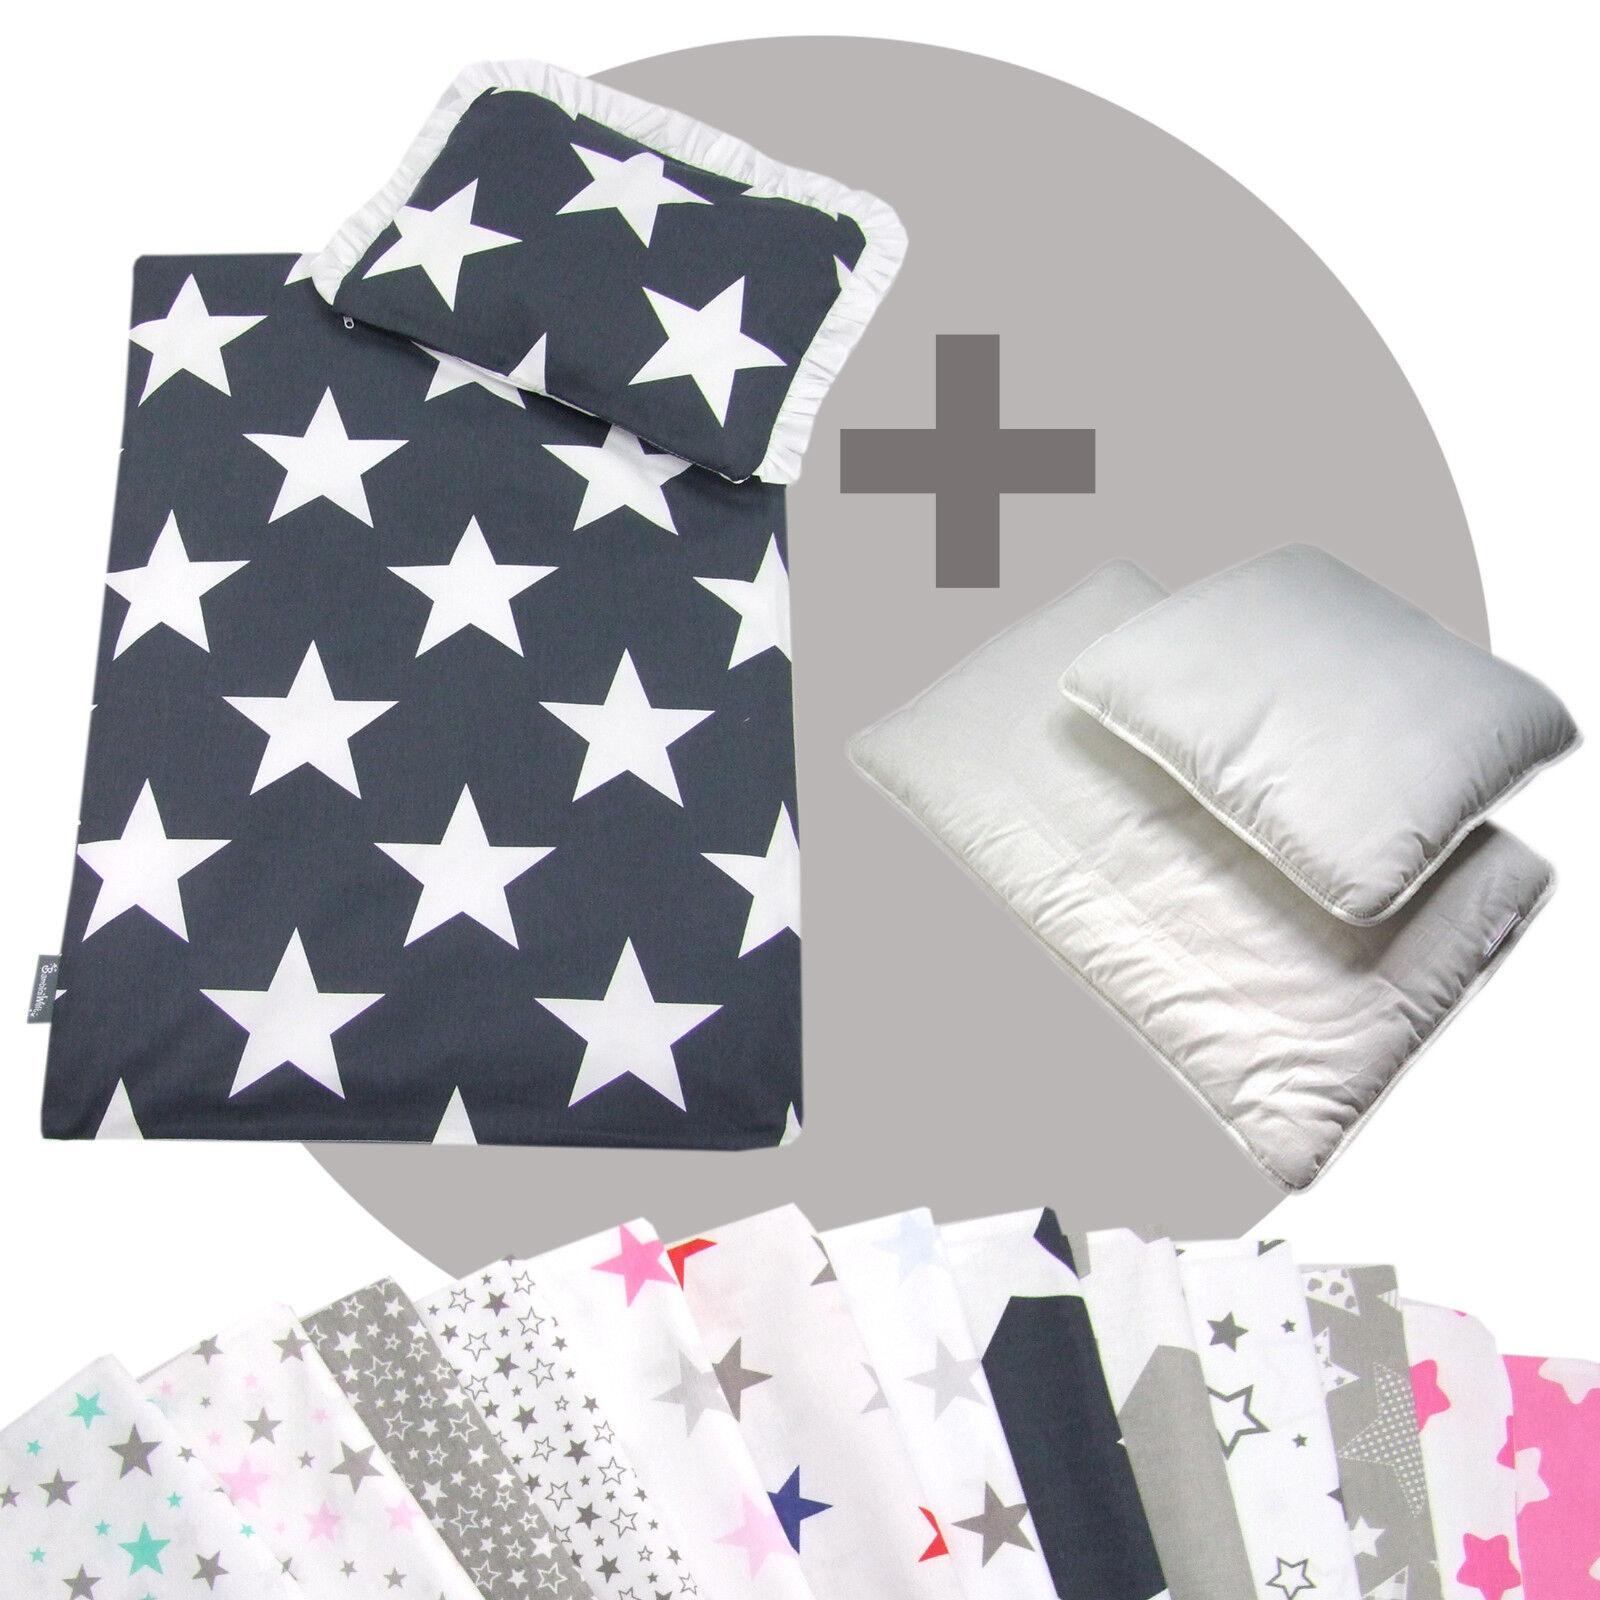 Bettwäsche-Set 4-tlg. für Kinderwagen Babybett Decke+Kissen+Füllung (STARS)